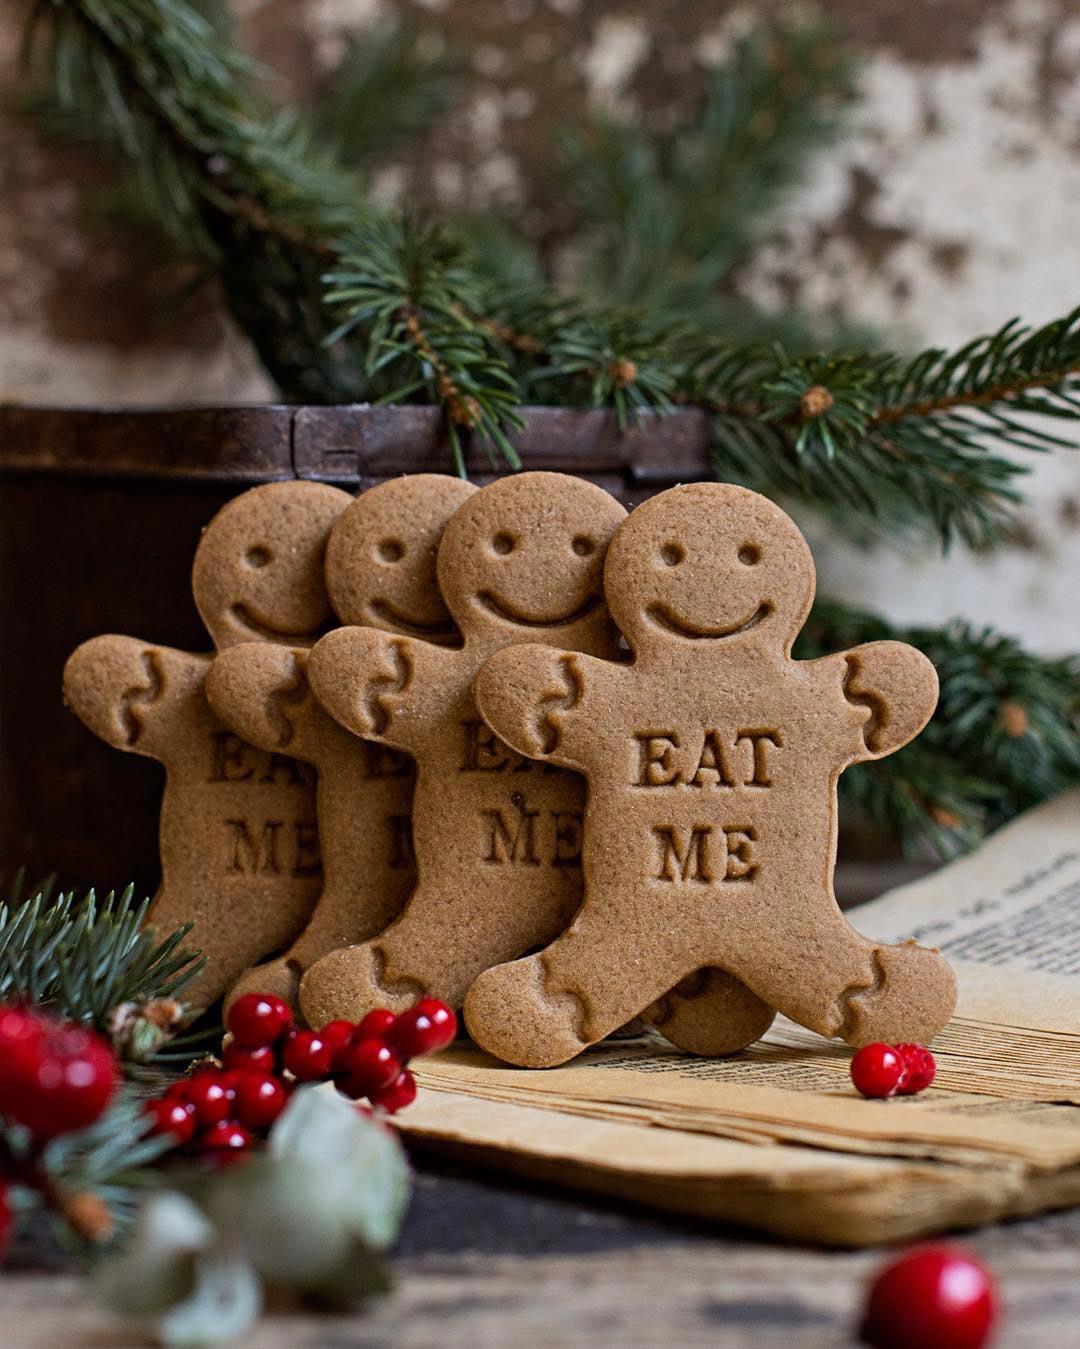 Gli Speculoos e San Nicolaus, i biscotti di Natale e la tradizione in Belgio.